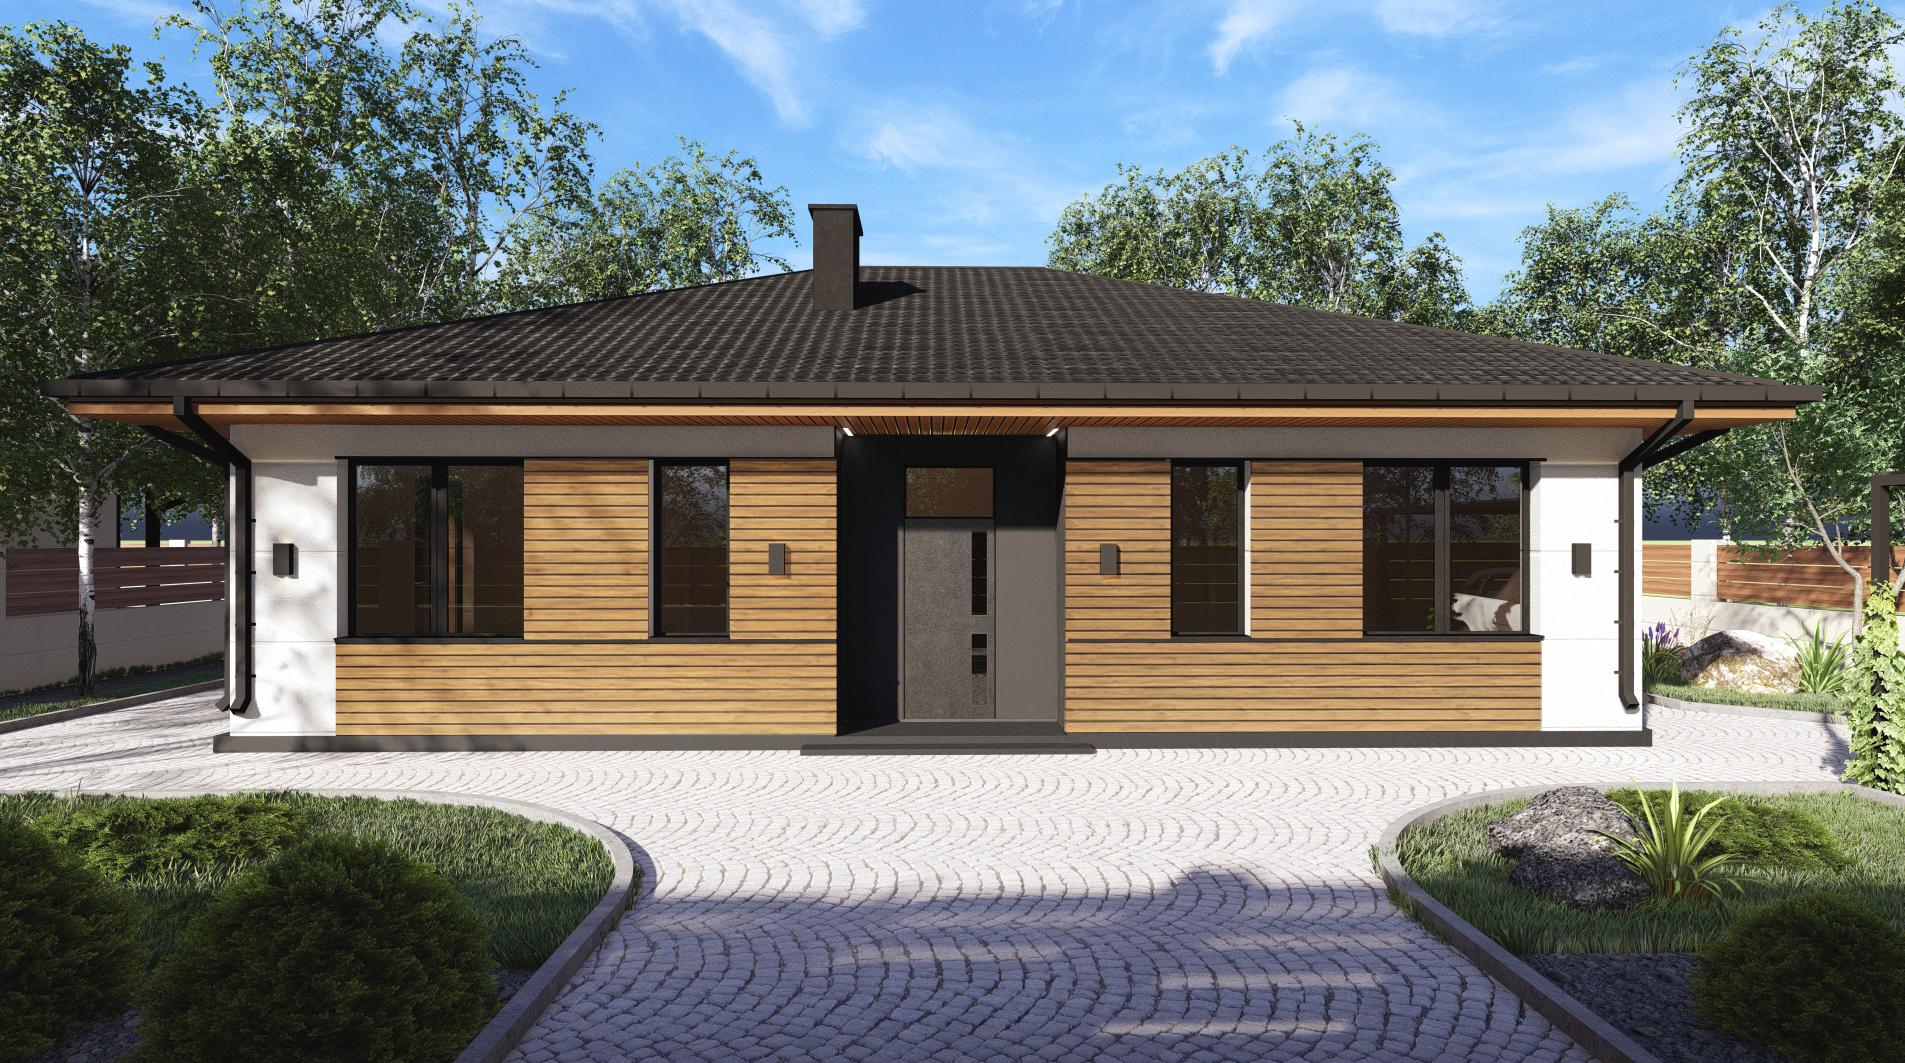 Проект дома DB12 v1 - 1